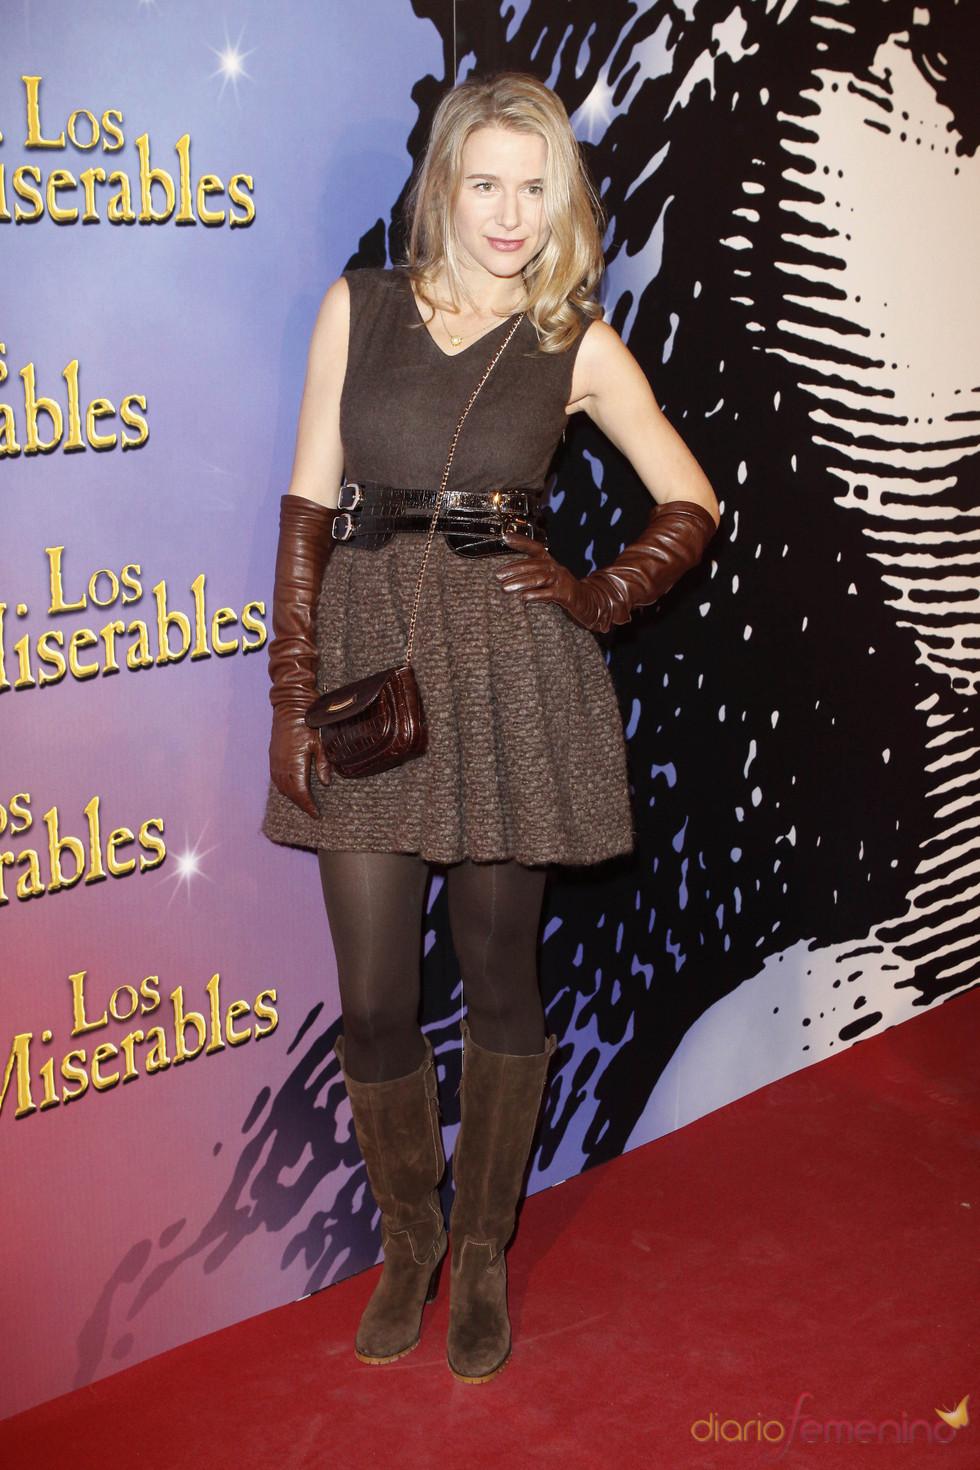 La ex modelo María León en la presentación de 'Los Miserables'